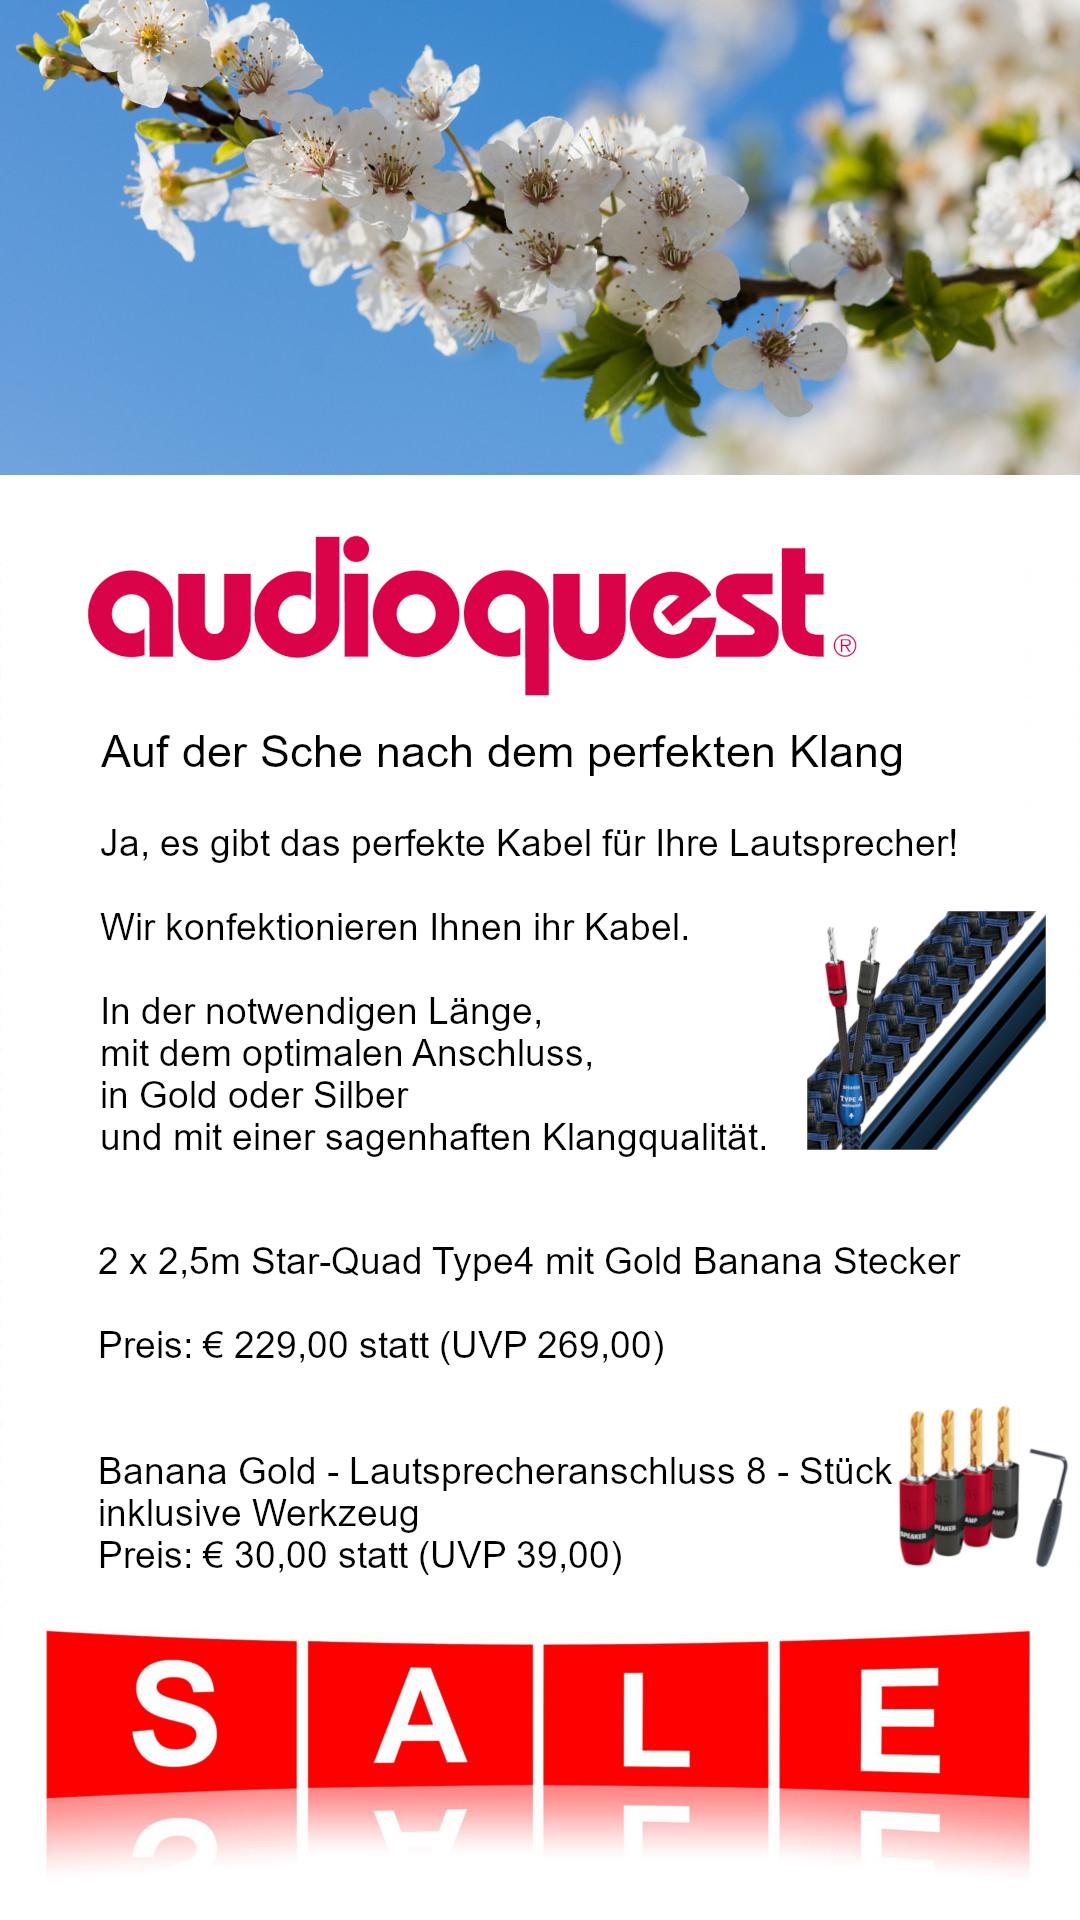 audioquest lautsprecherkabel im angebot mit viel rabatt mit den genialen goldenen Banana Anschlüssen